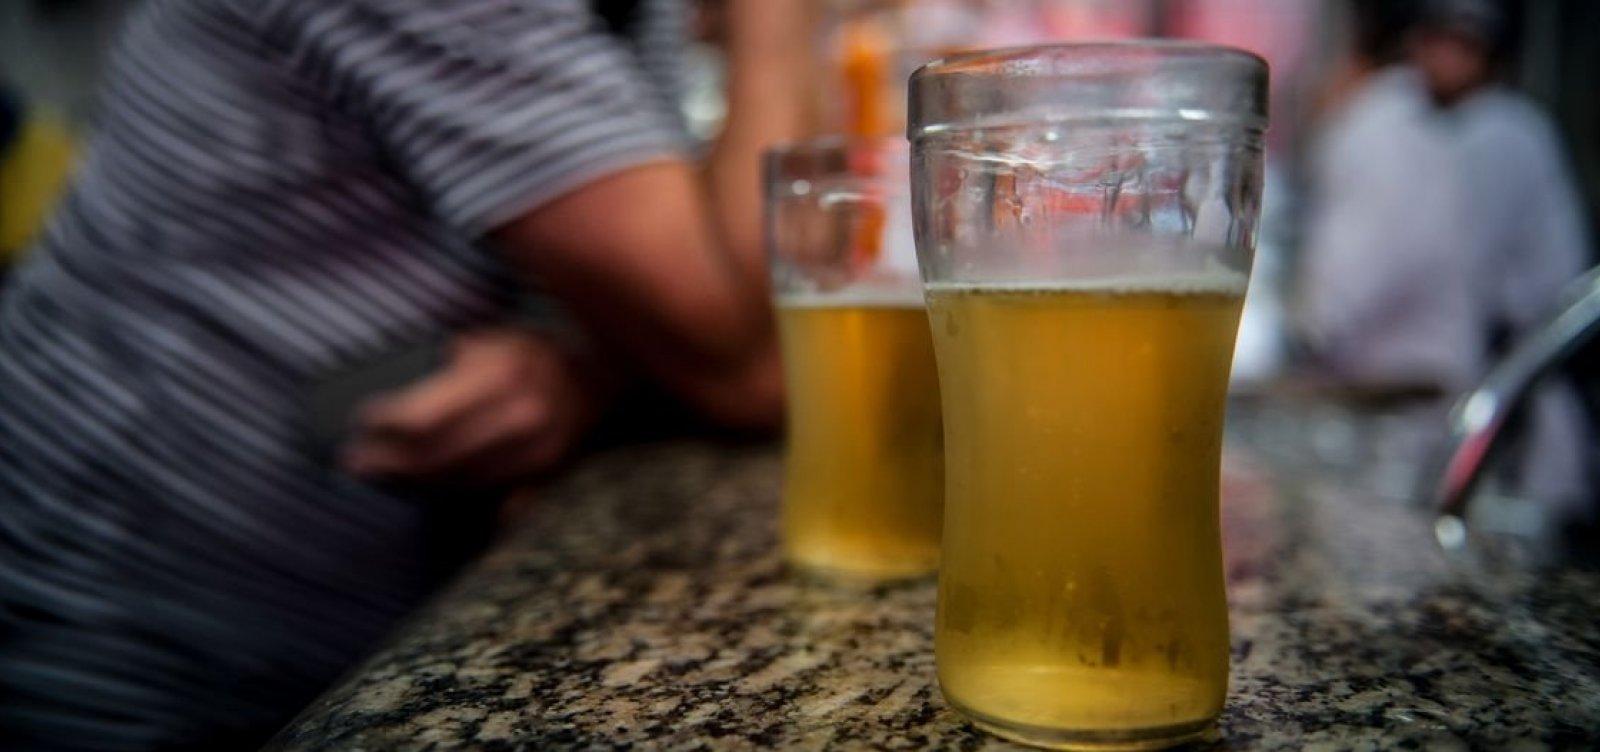 [Uso abusivo de bebida alcoólica cresce 14,7% no país]